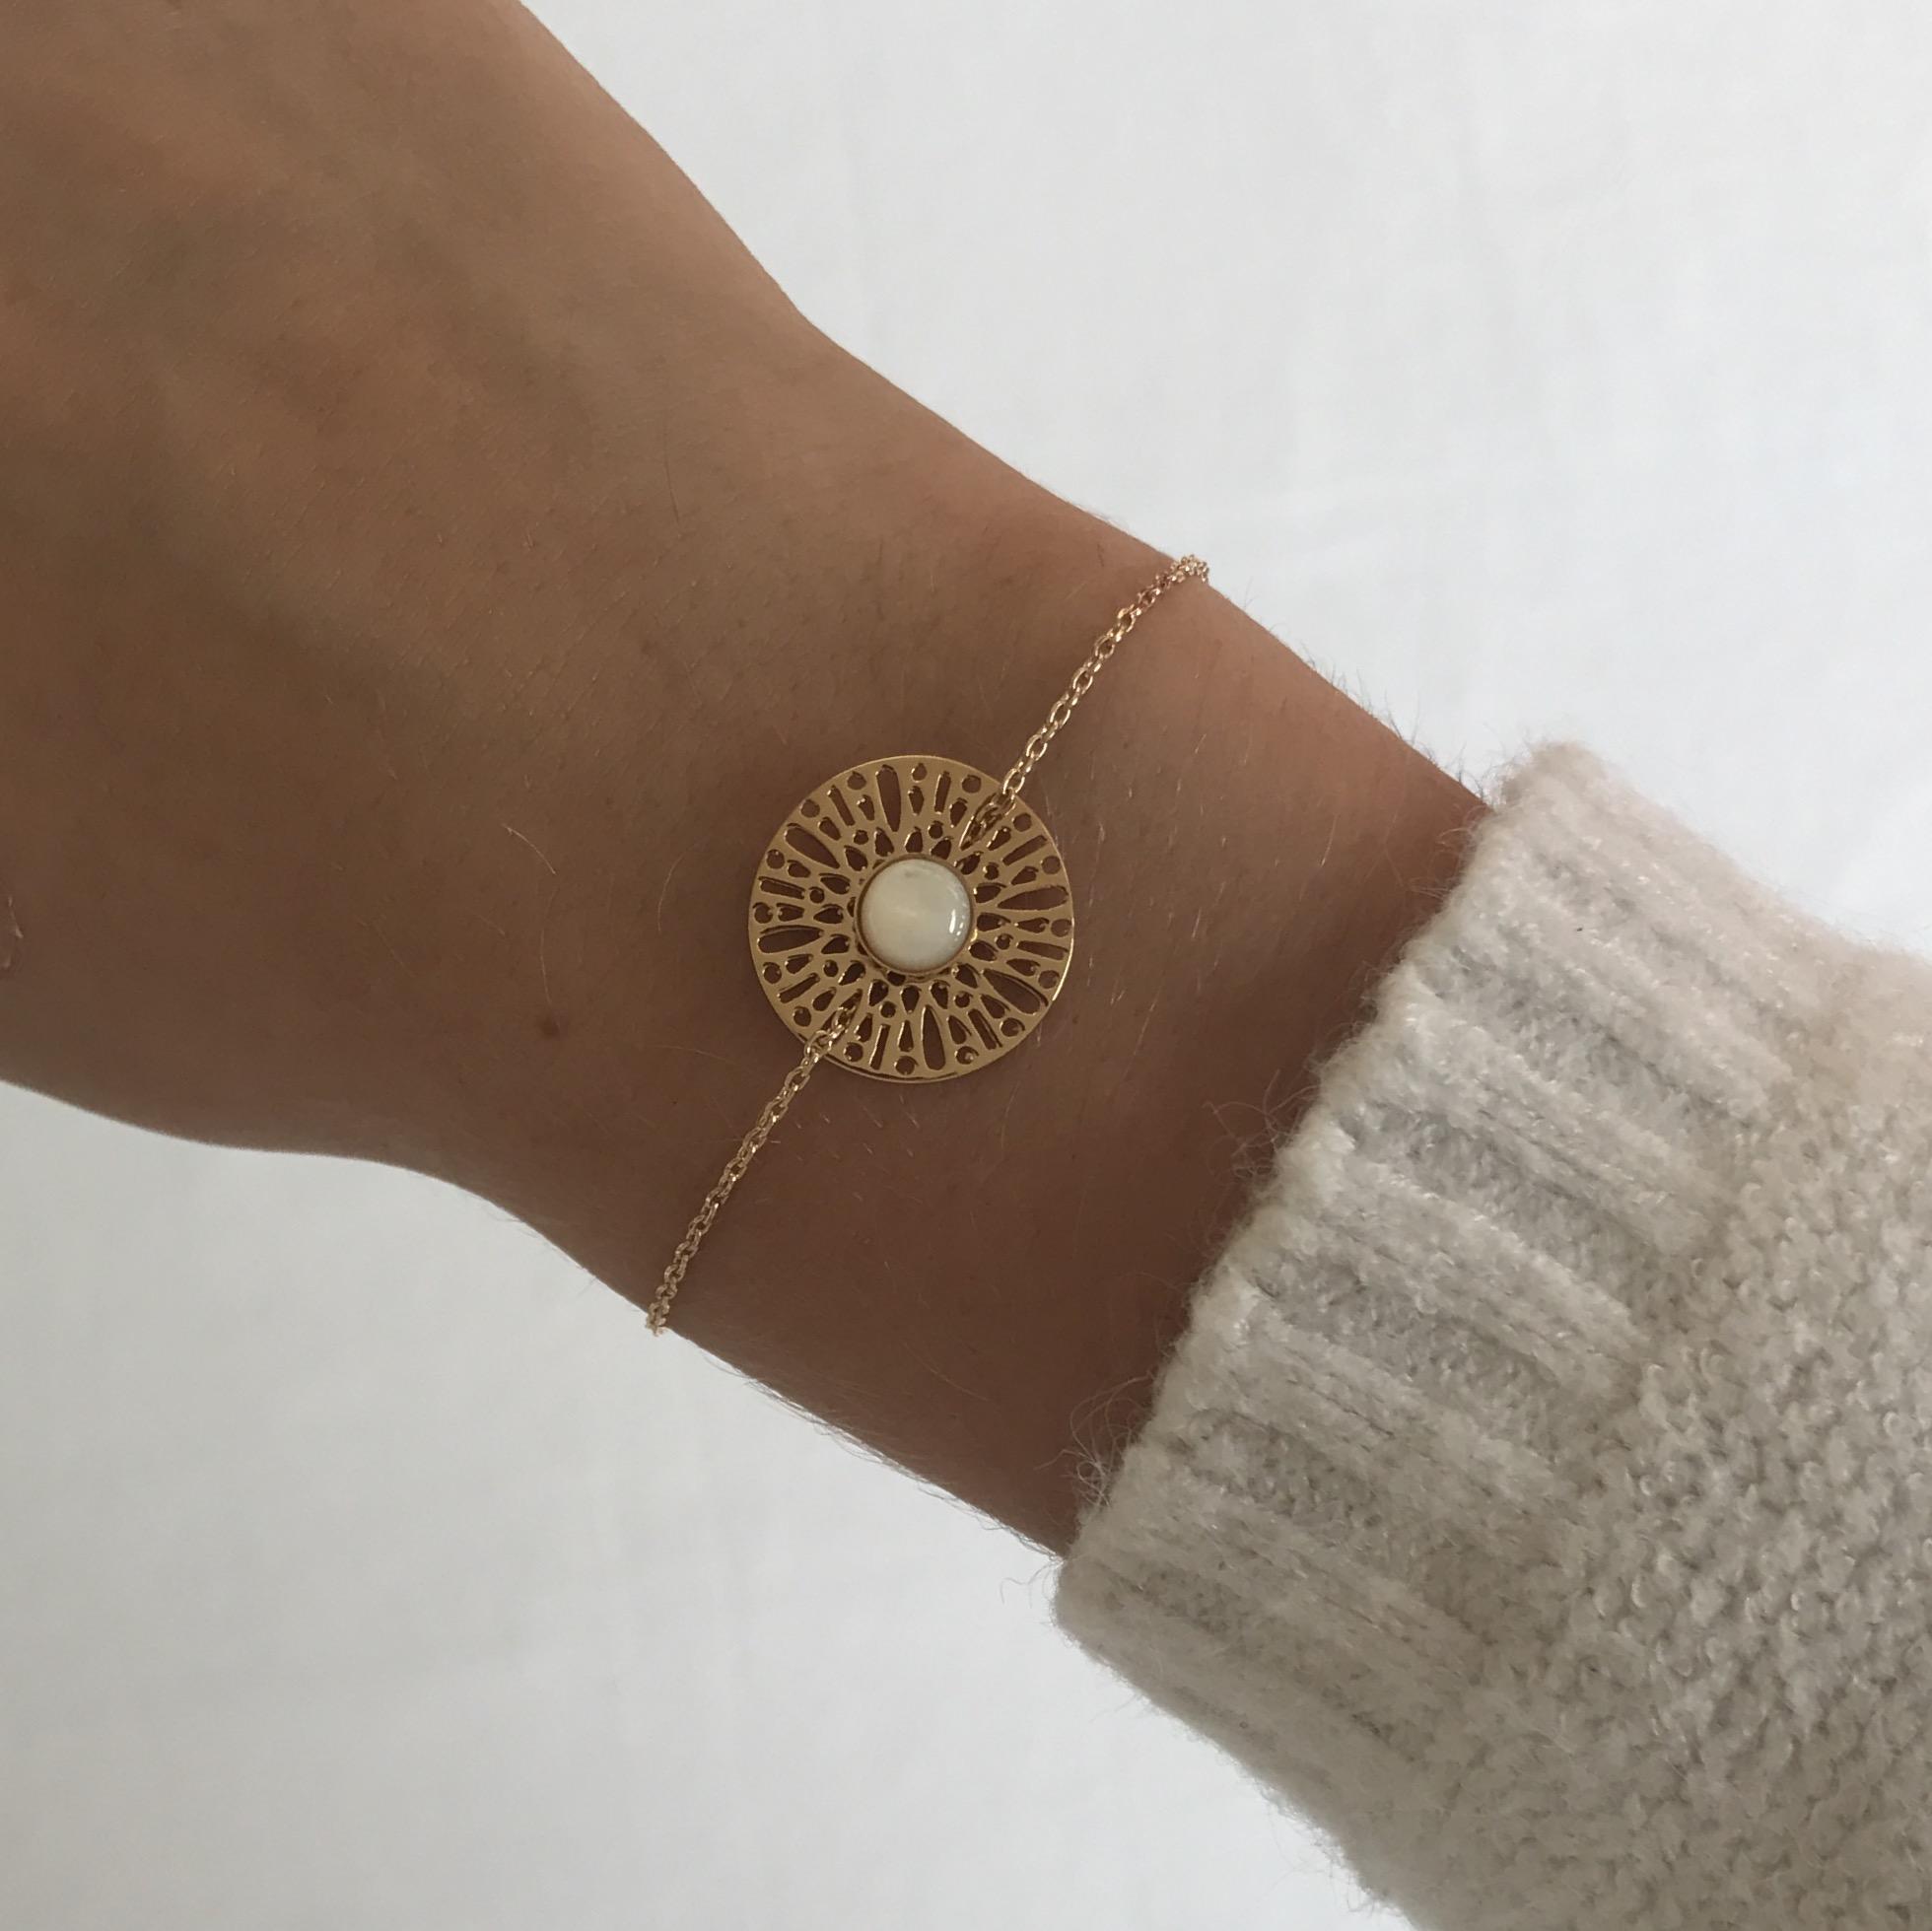 3b91bdca7c Dentelle bracelet Nacre